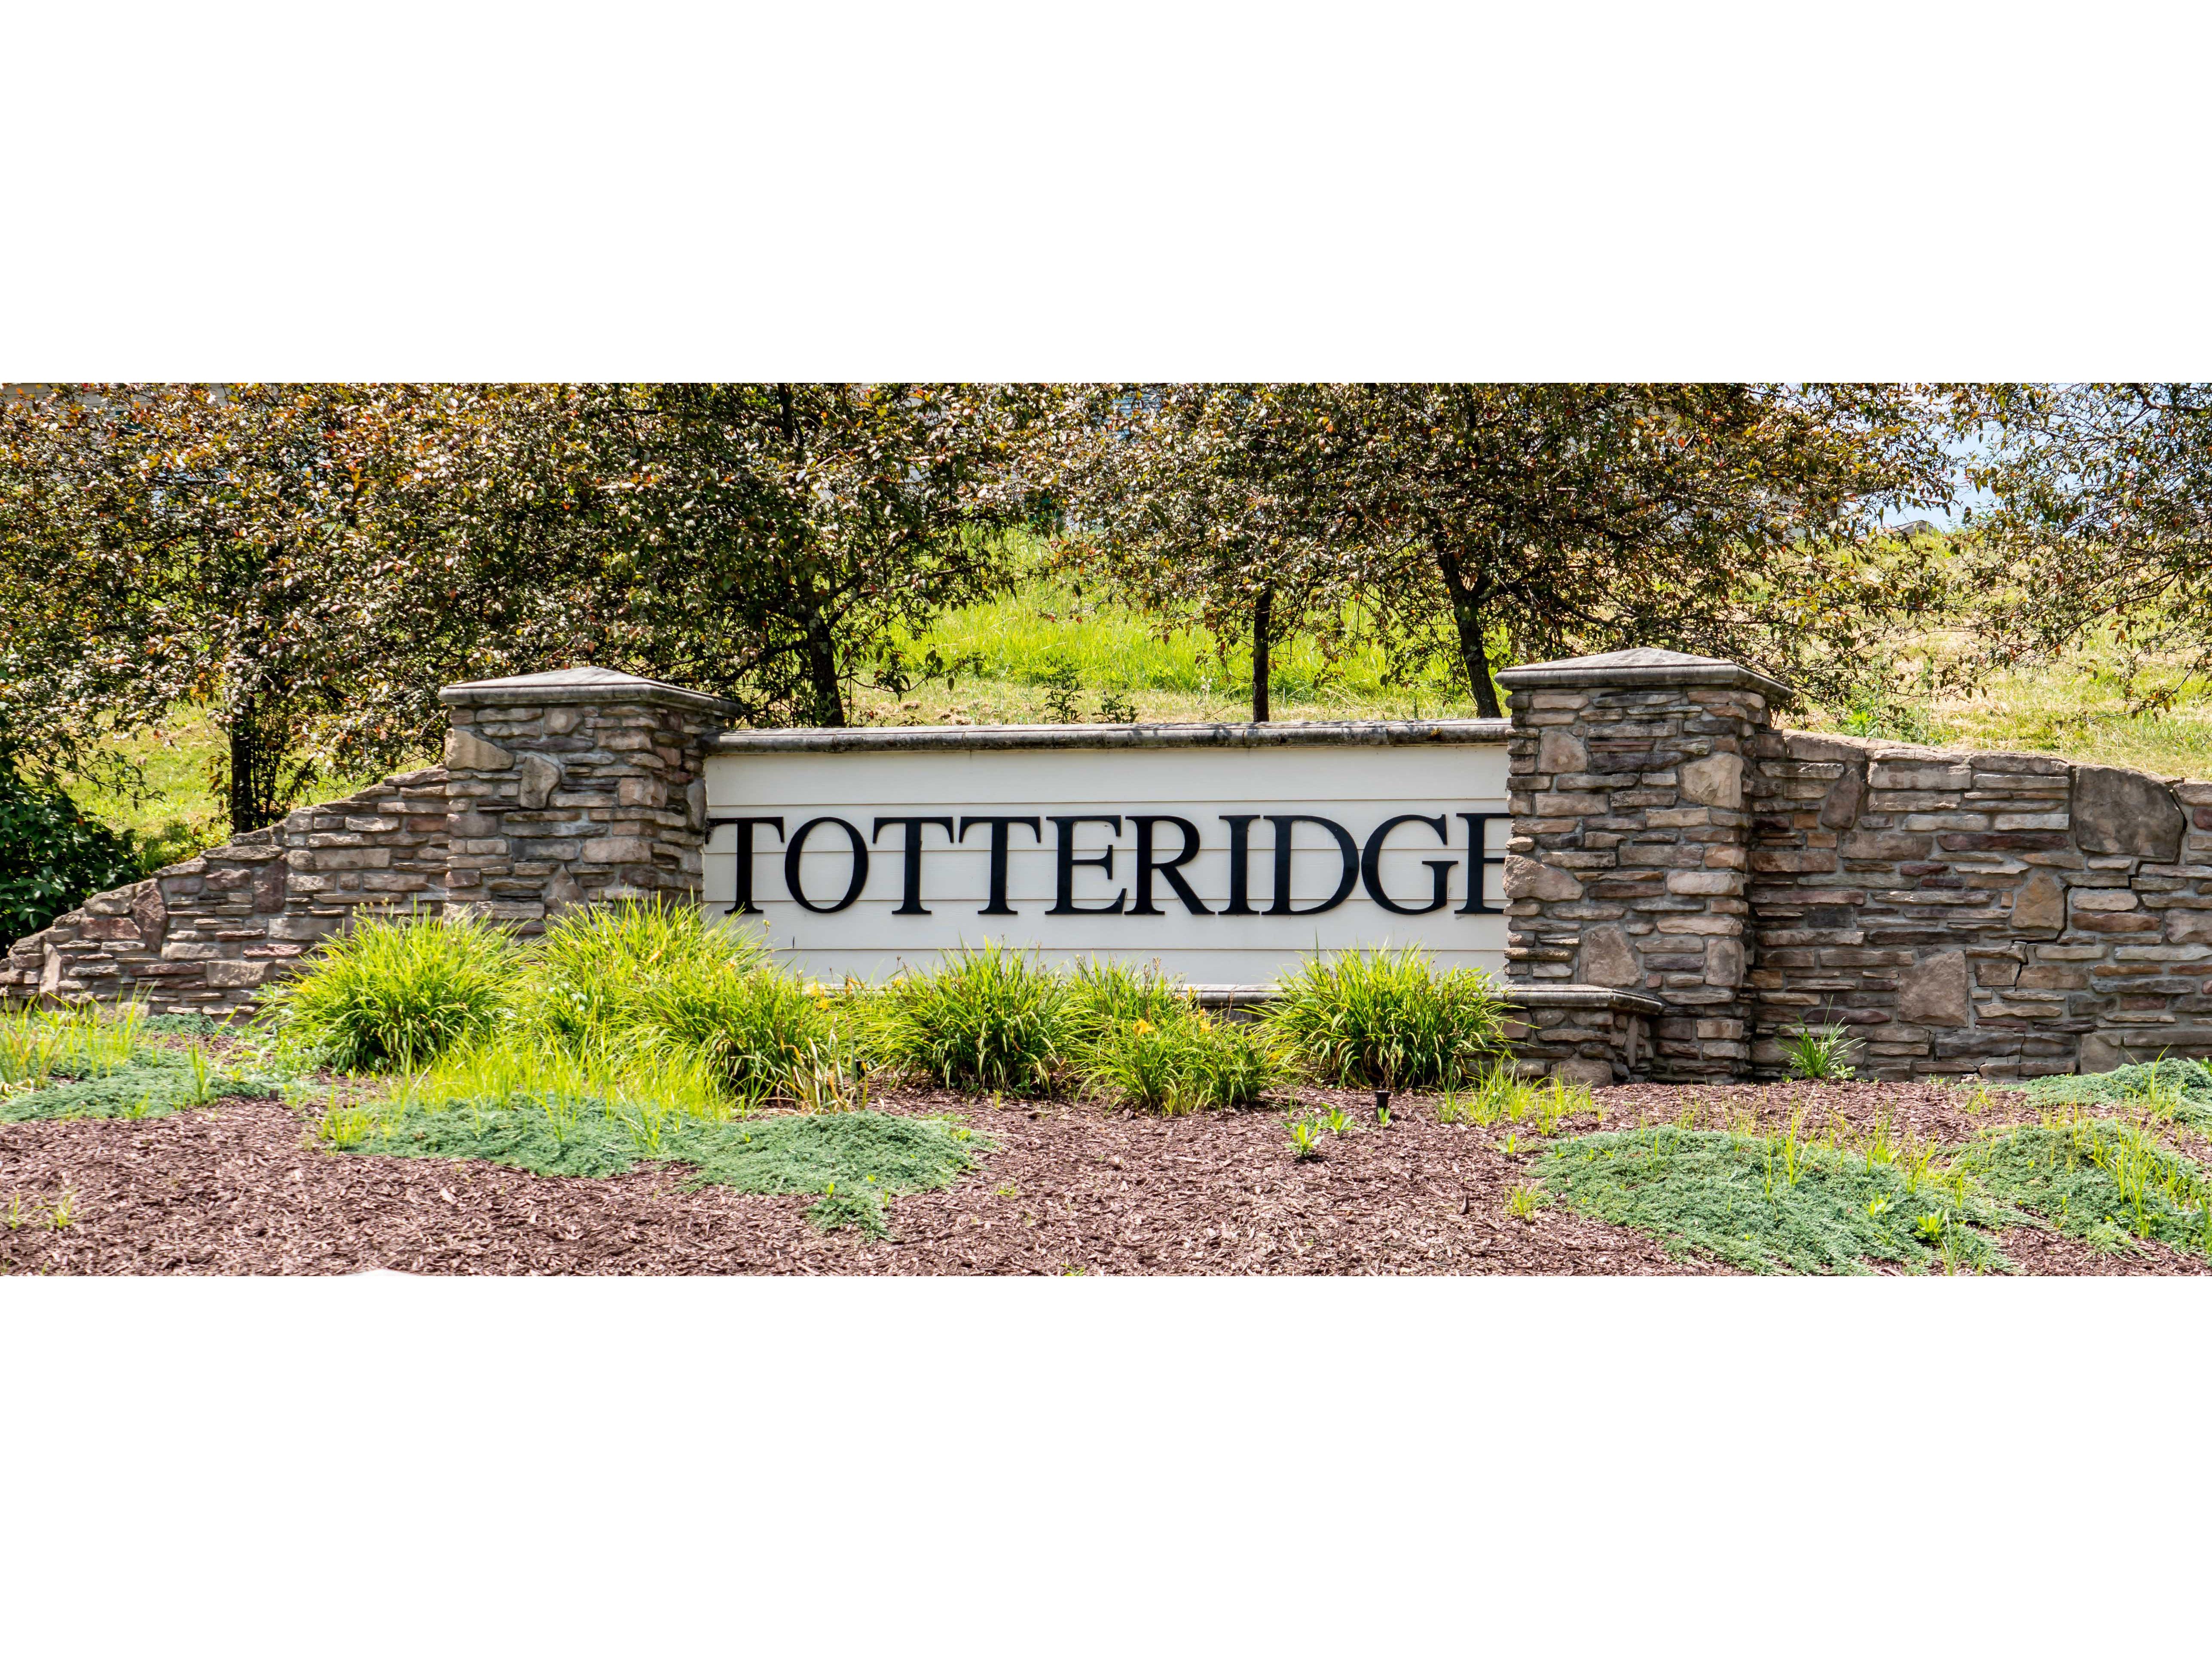 Totteridge